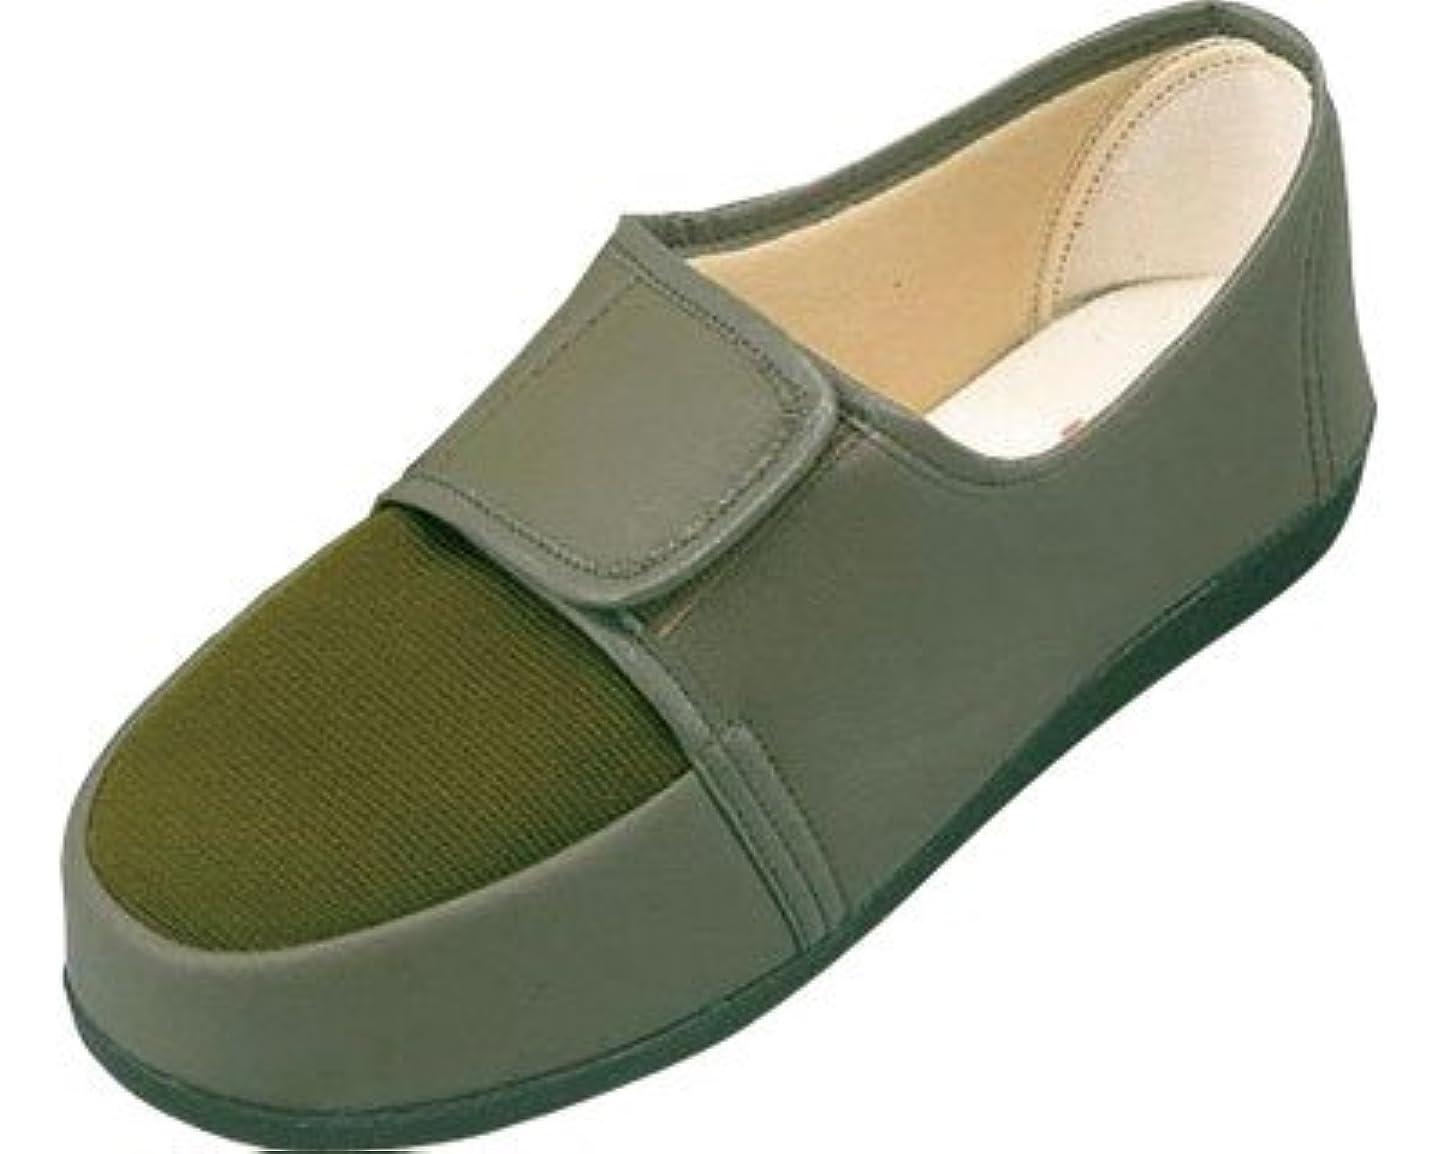 うるさいカメ共感するリハビリシューズ 両足 婦人用 24.0cm カーキ W603 (マリアンヌ製靴) (シューズ)(返品不可)